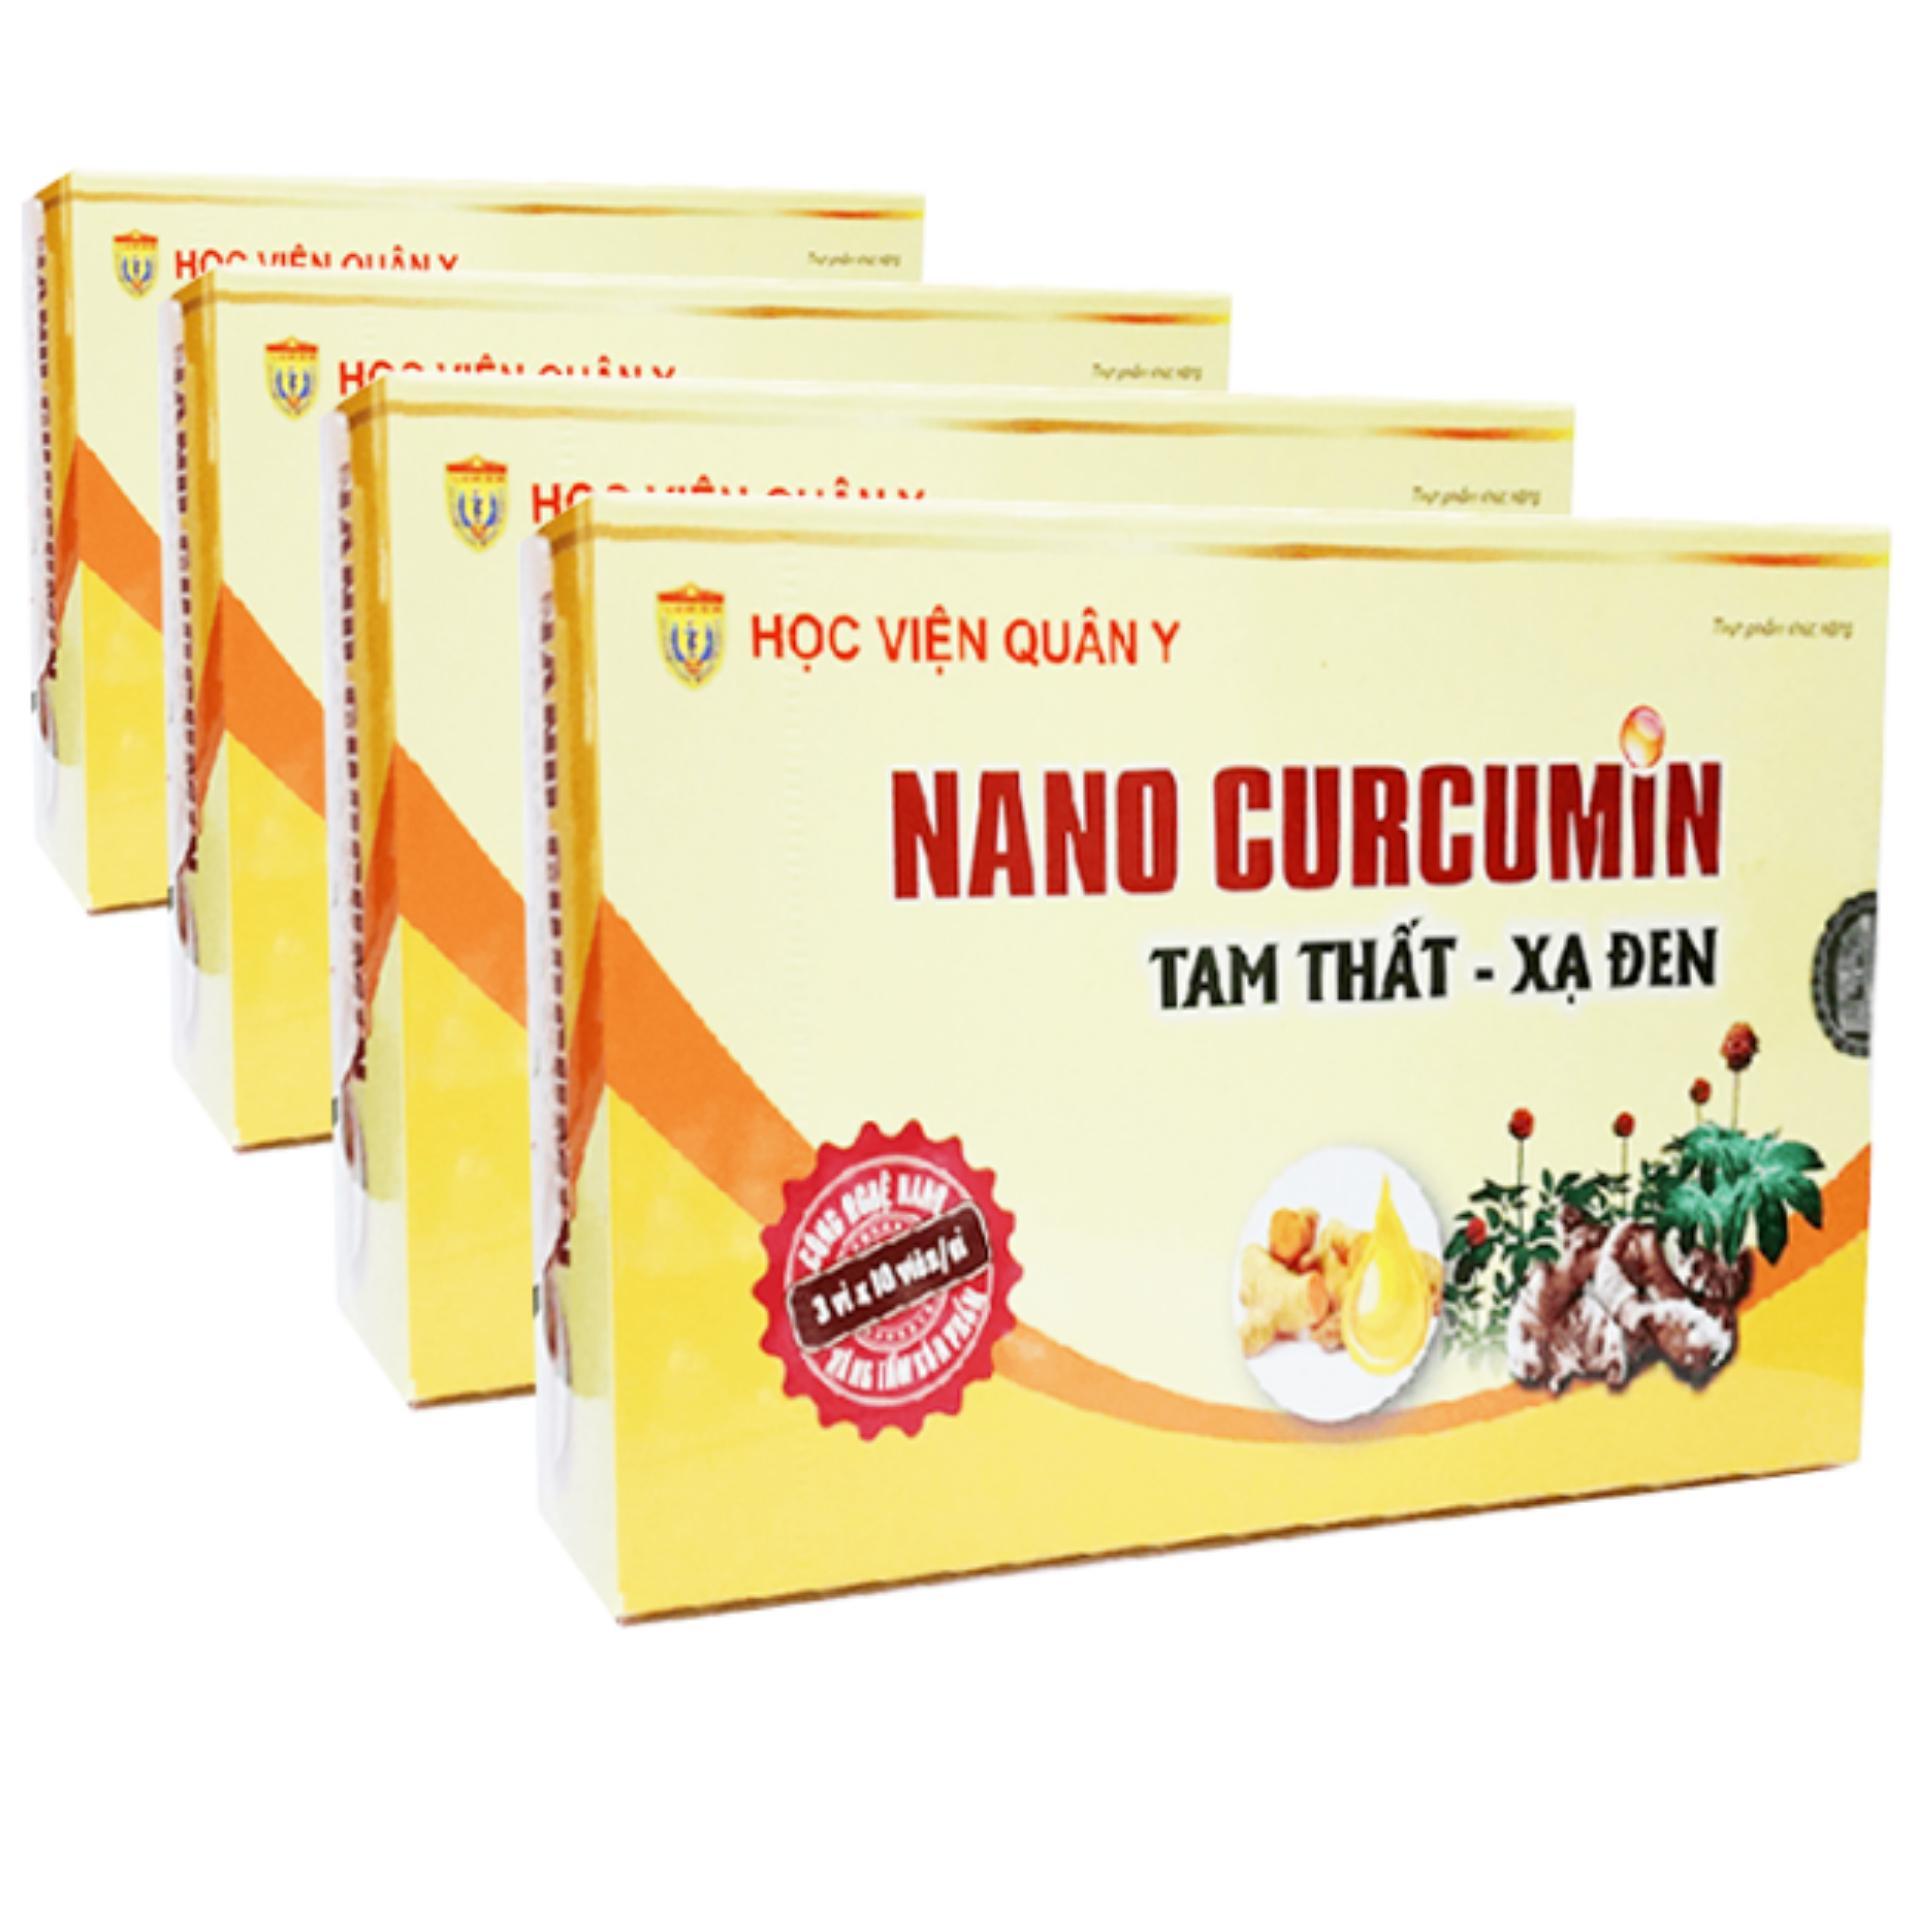 Liệu trình 1 tháng 4 hộp Nano Curcumin Tam Thất Xạ Đen HVQY cao cấp